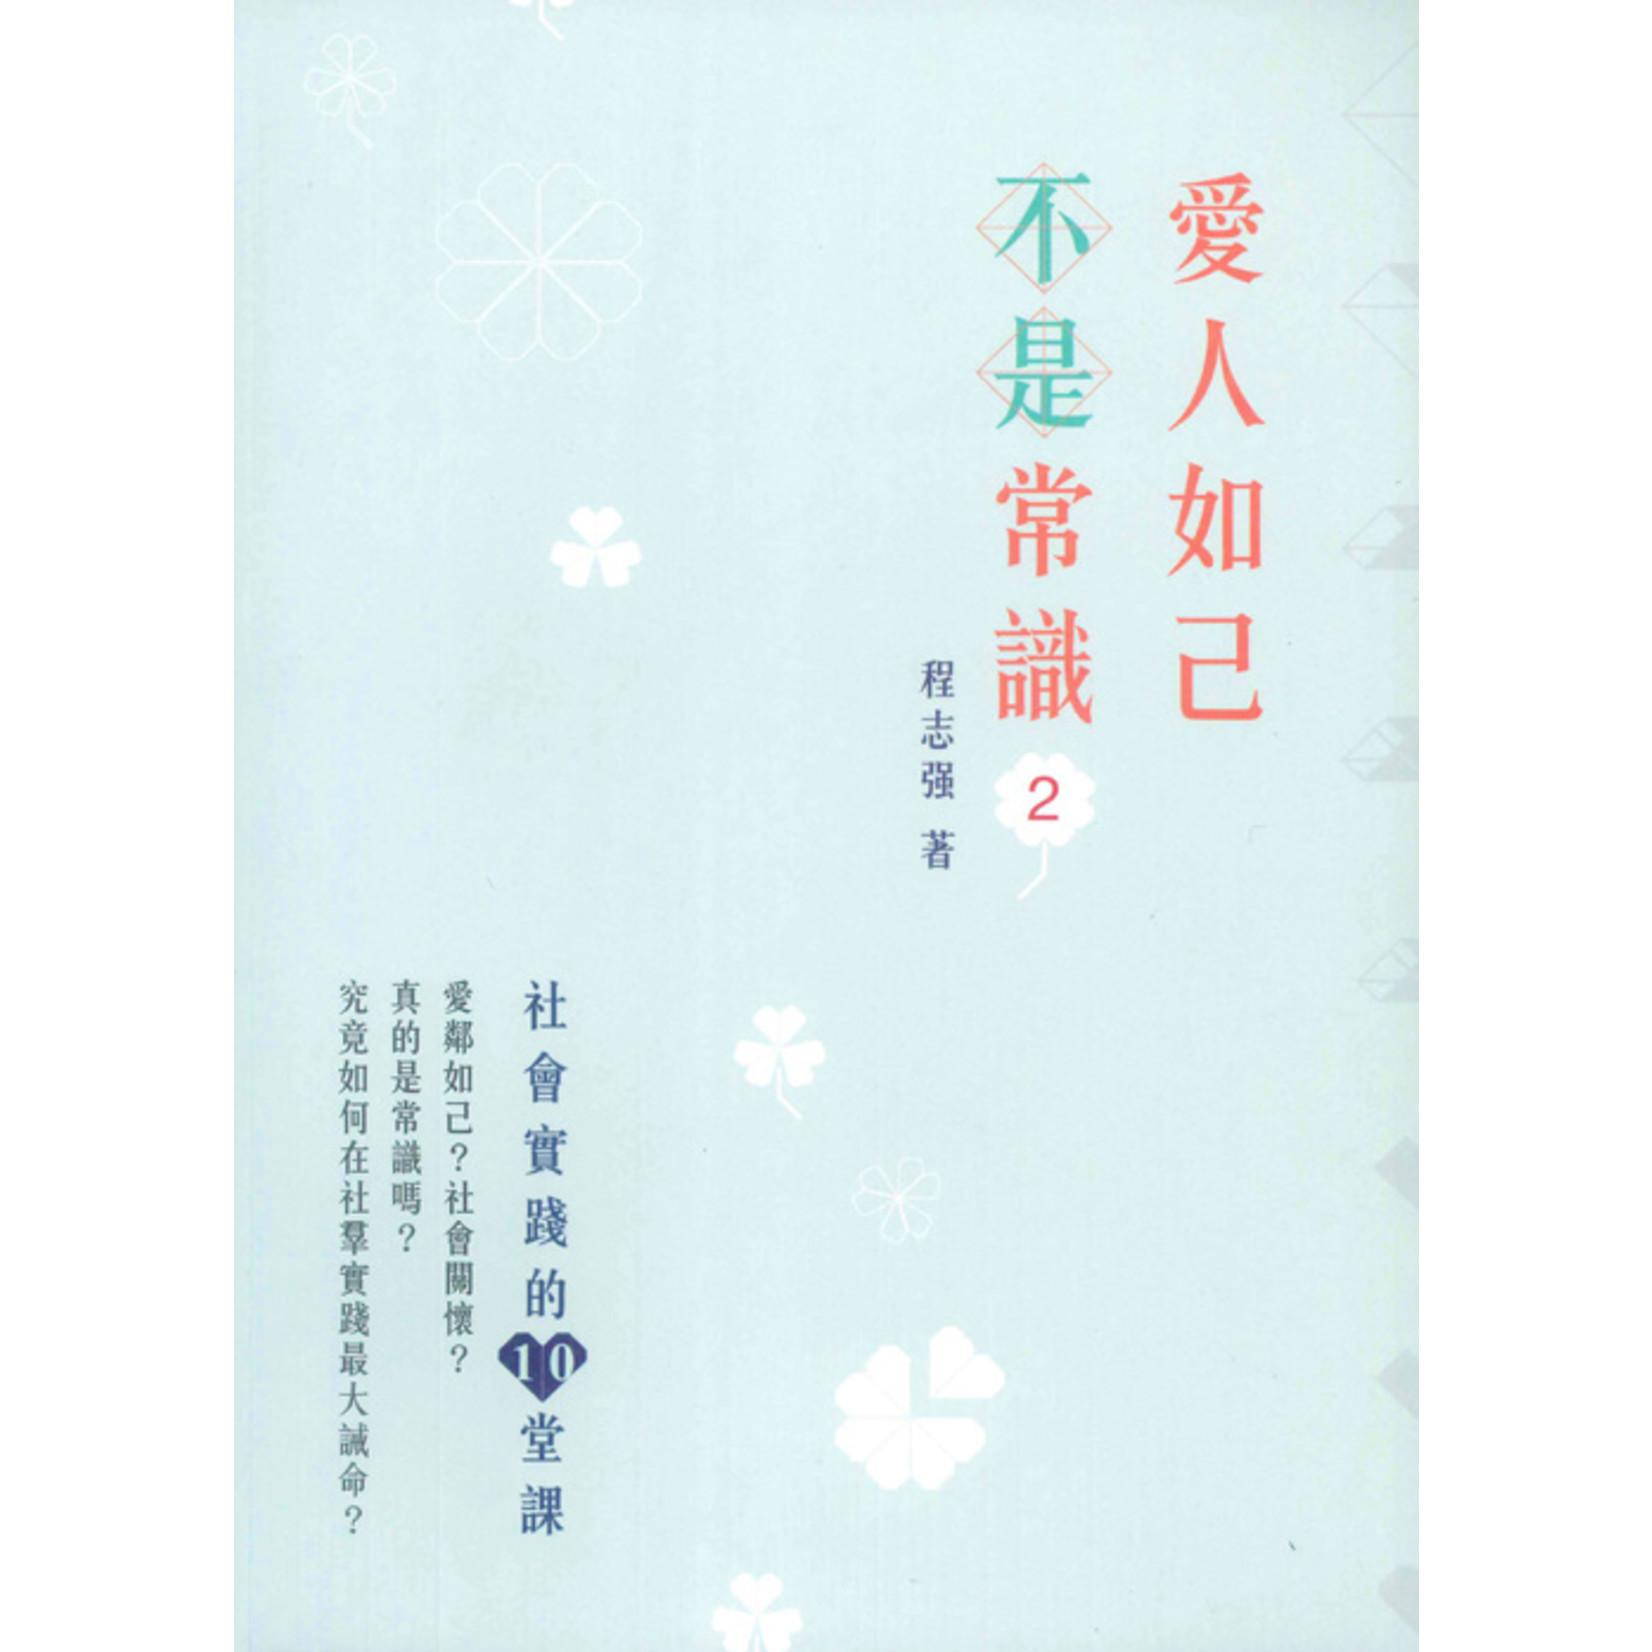 呼吸文化 (HK) 愛人如己不是常識2:社會實踐的10堂課